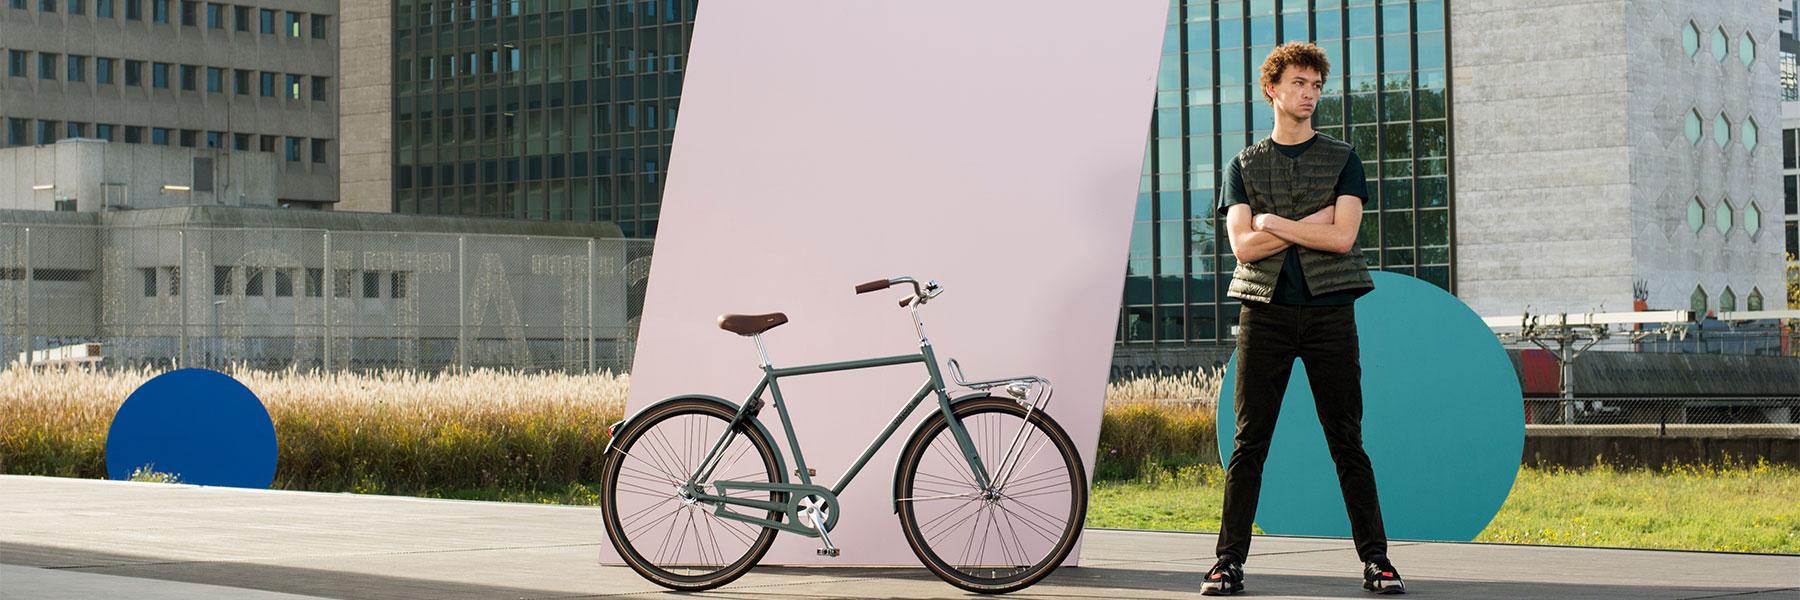 Man naast groene Union fiets